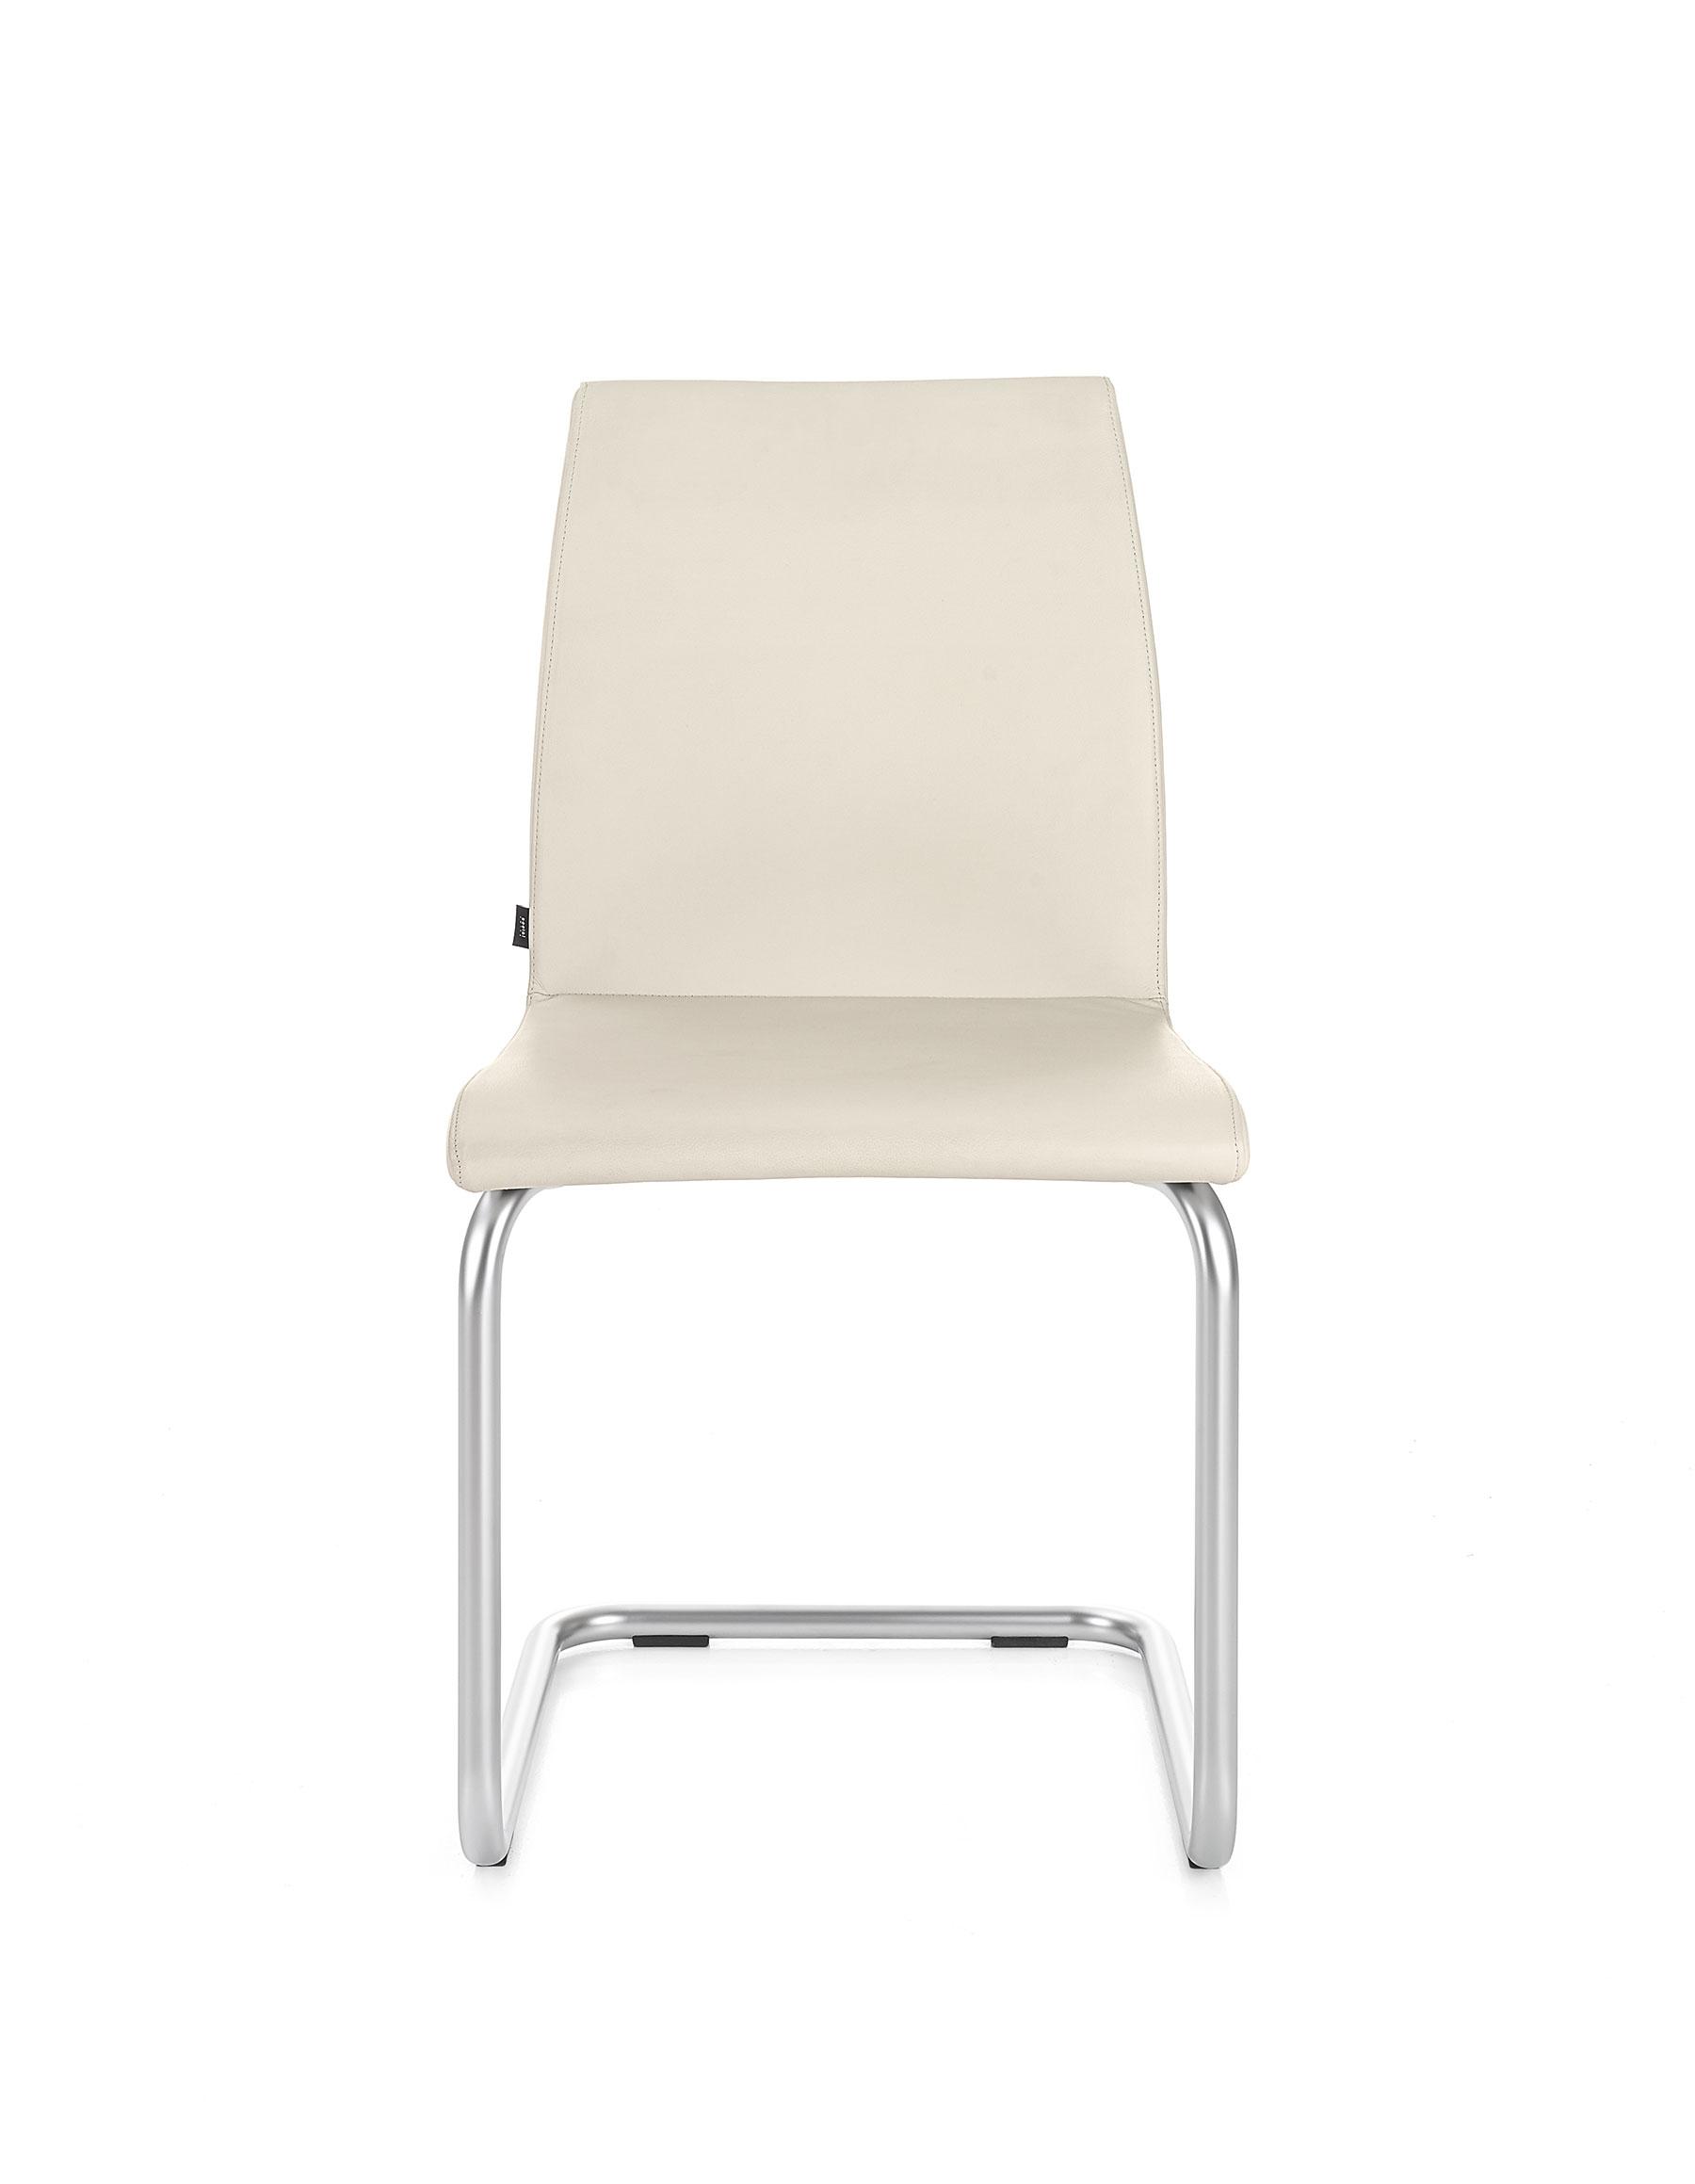 Sortiment Stühle Barhocker Möbel Kindler Ag In Schinznach